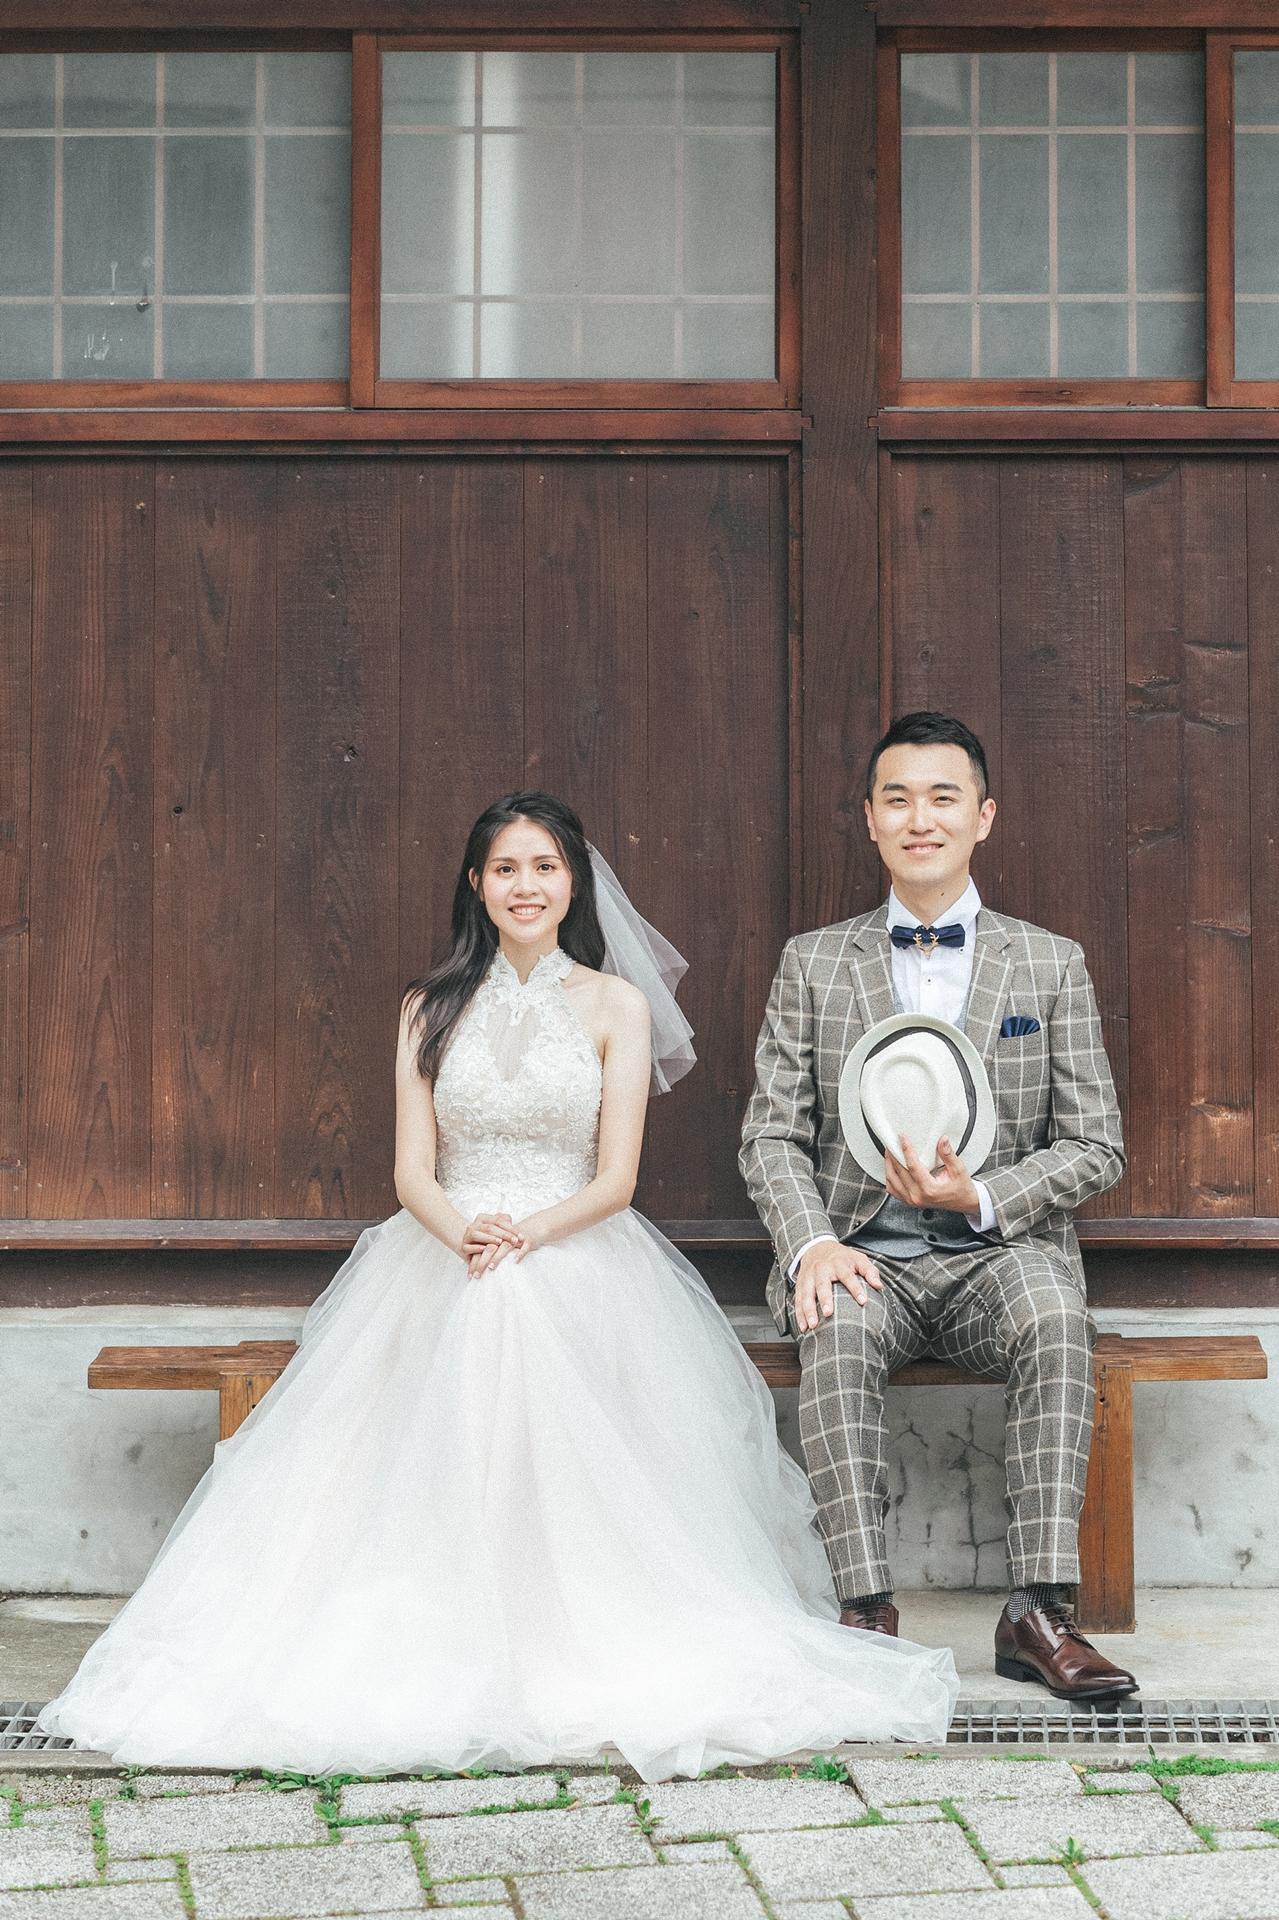 【婚紗】Ming & Weiting / 紀州庵文學森林 / 施洛德文學花園